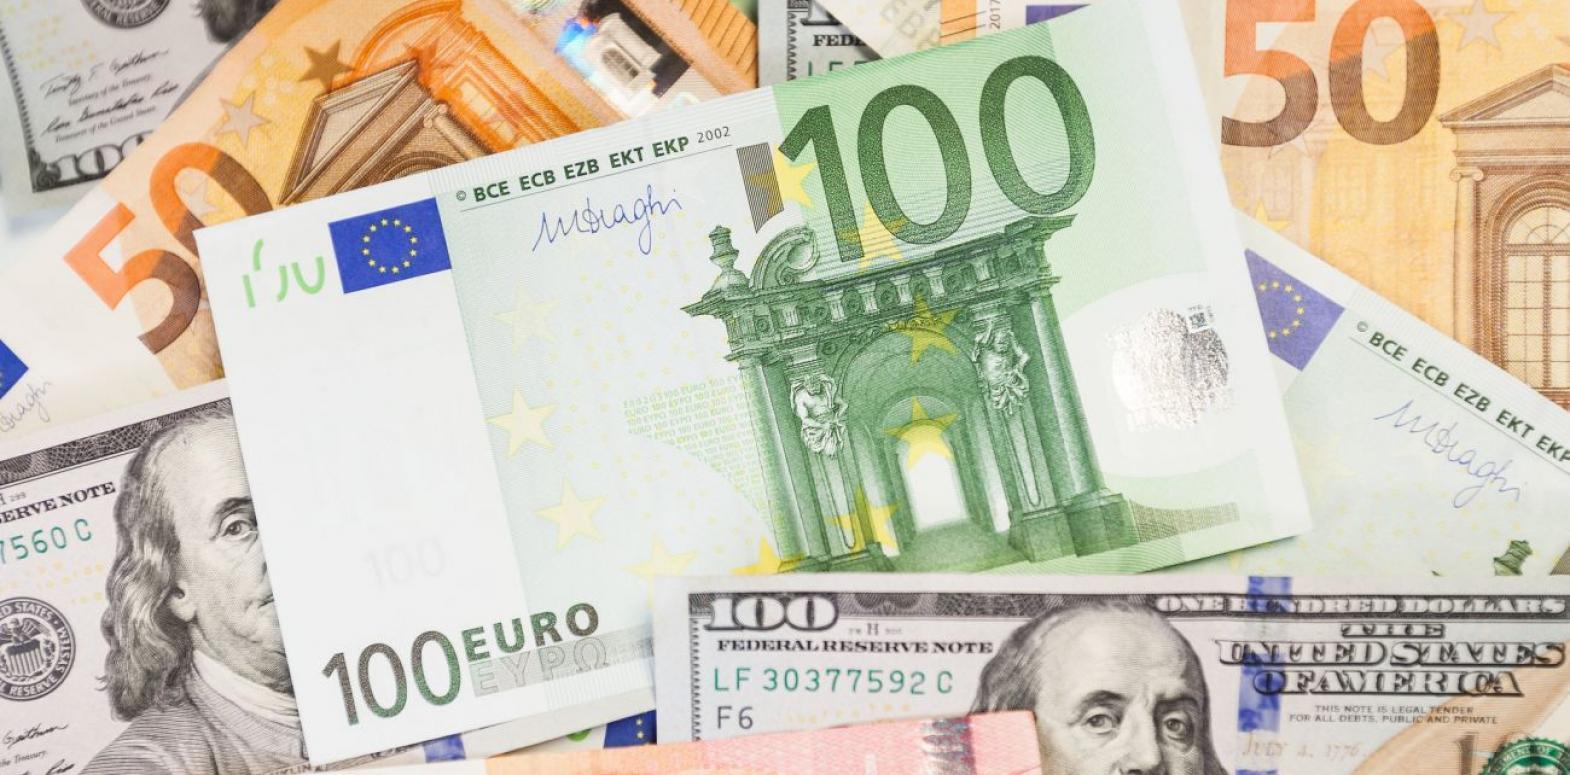 НБУ назвал периоды пиковых выплат по внешнему долгу